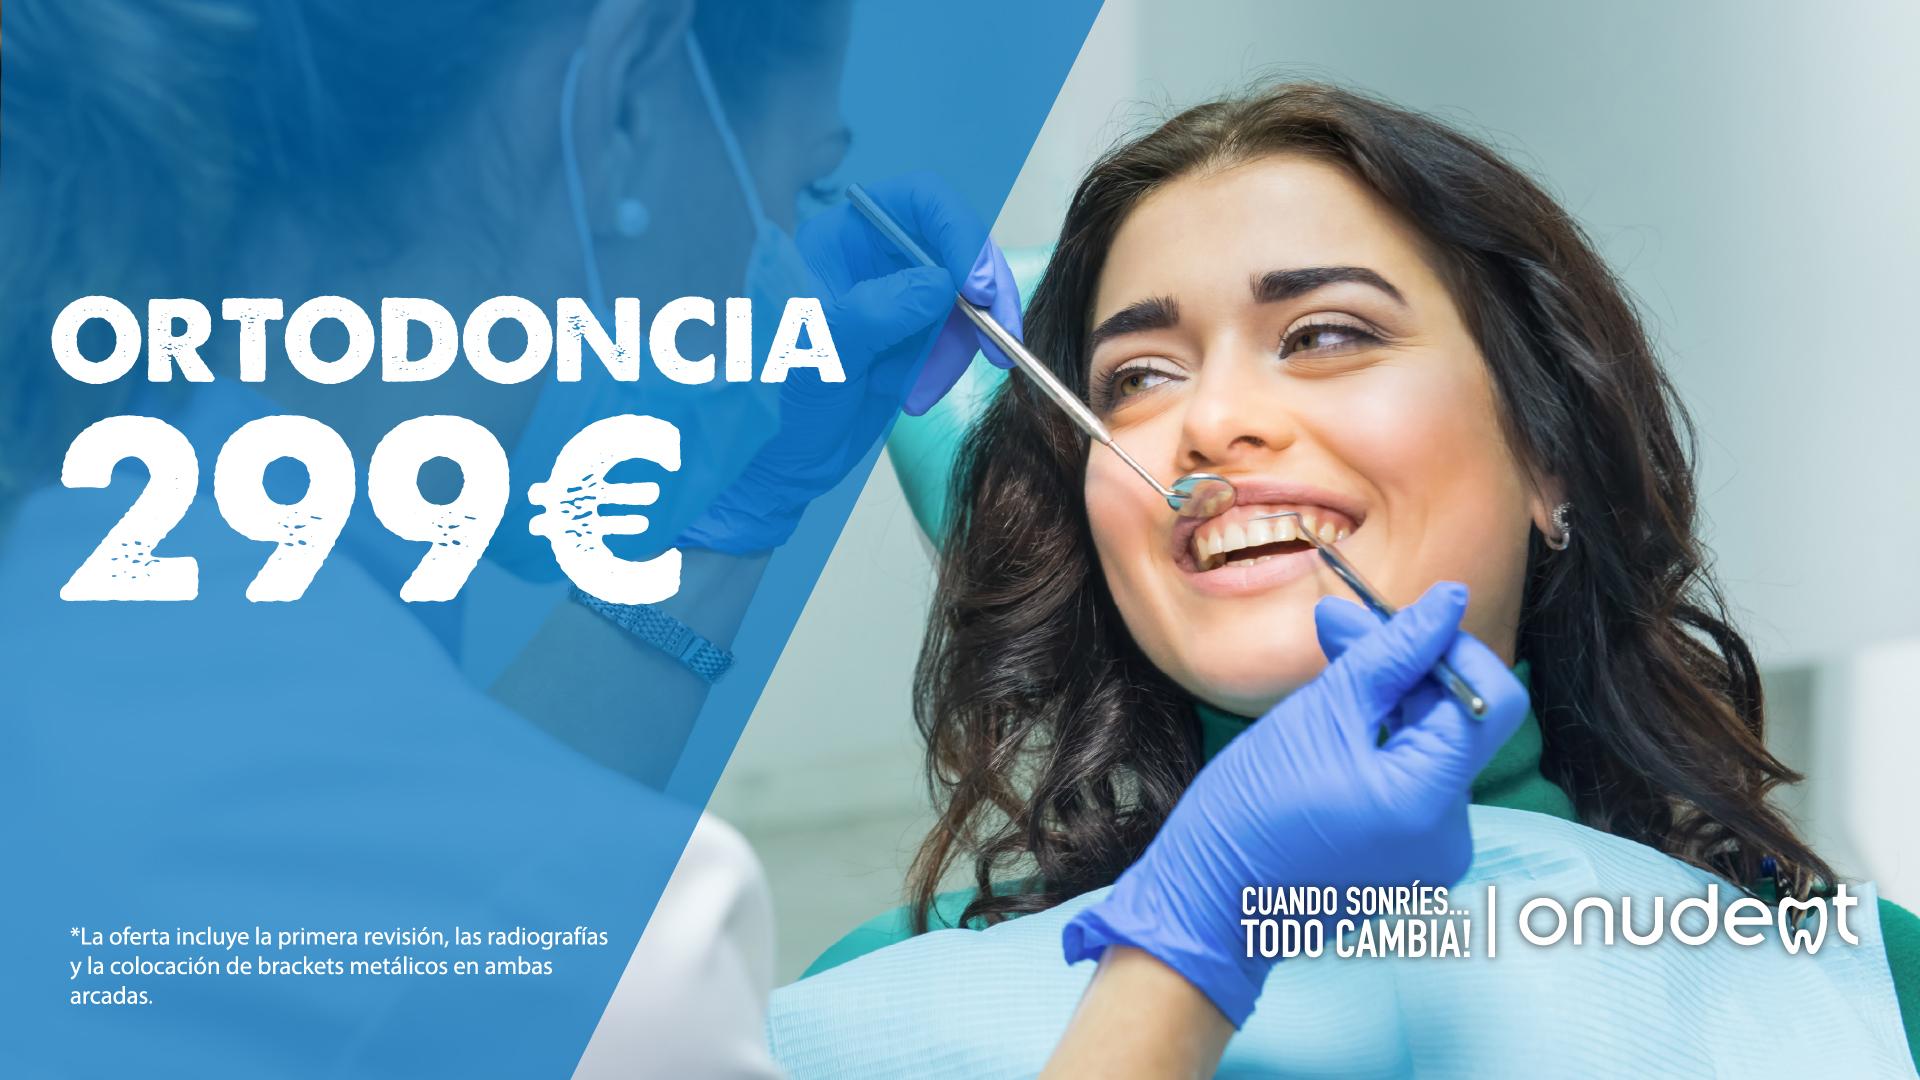 Ofertas ortodoncia Huelva